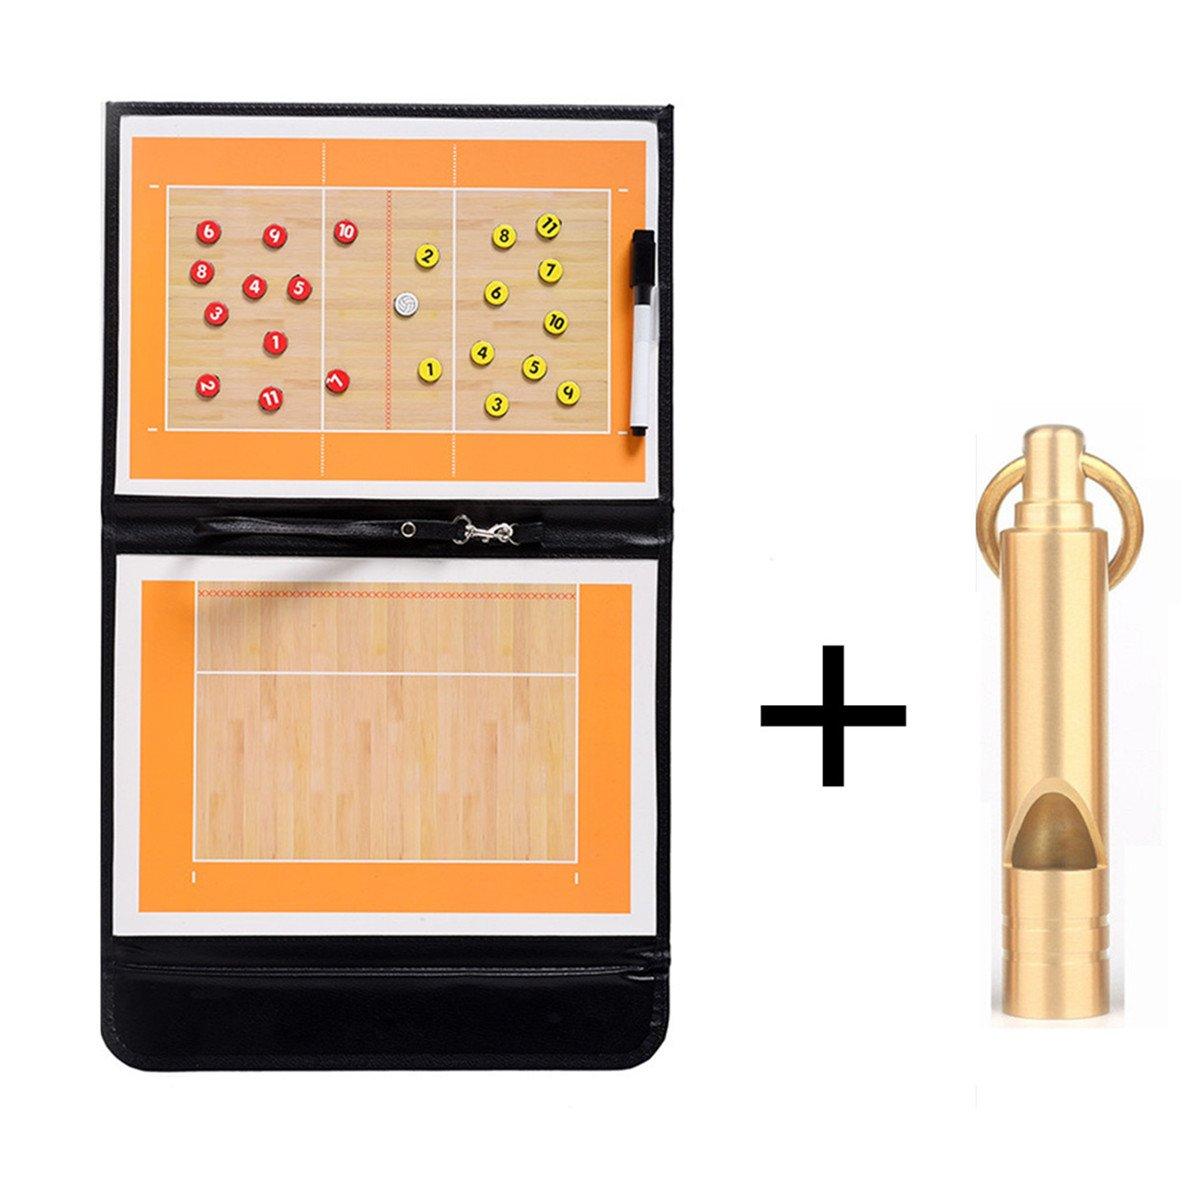 Hnjzx Tactical Coach lavagna magnetica + Premium fischietto di emergenza–-- perfetto e pieghevole in pelle per/da calcio basket pallavolo mot-1, Basketball